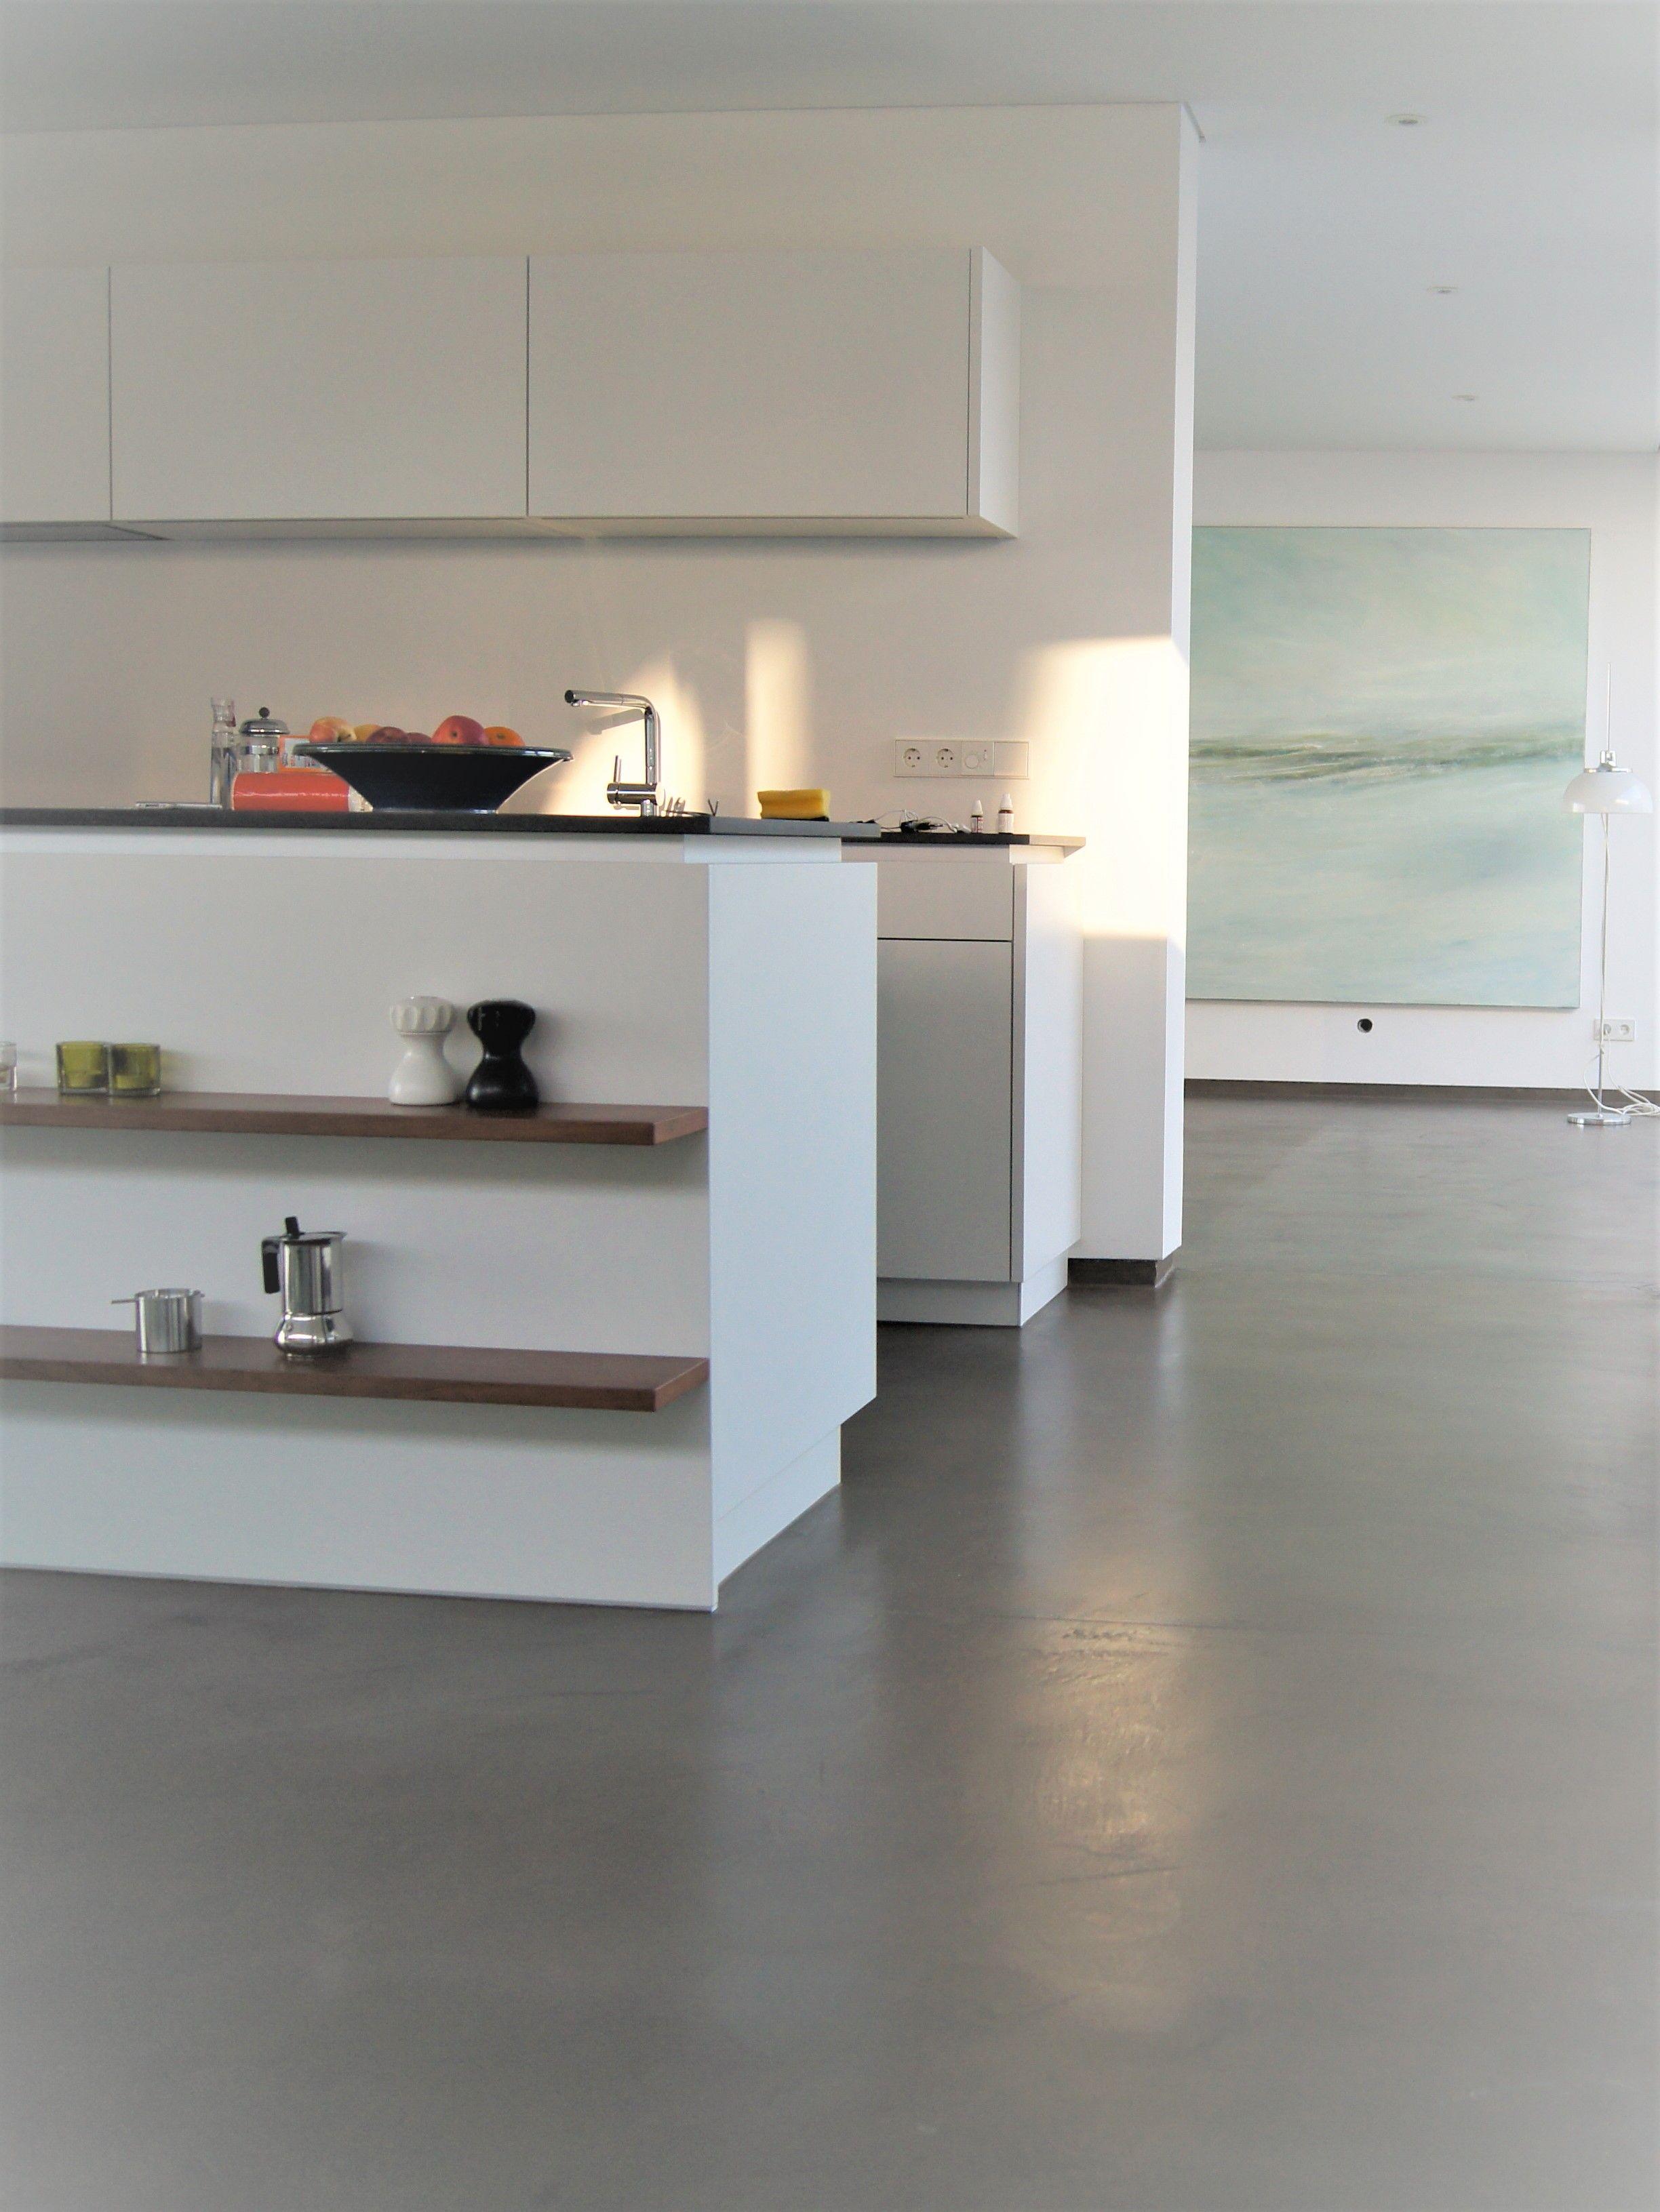 Großartig Küchenboden Design Software Fotos - Ideen Für Die Küche ...